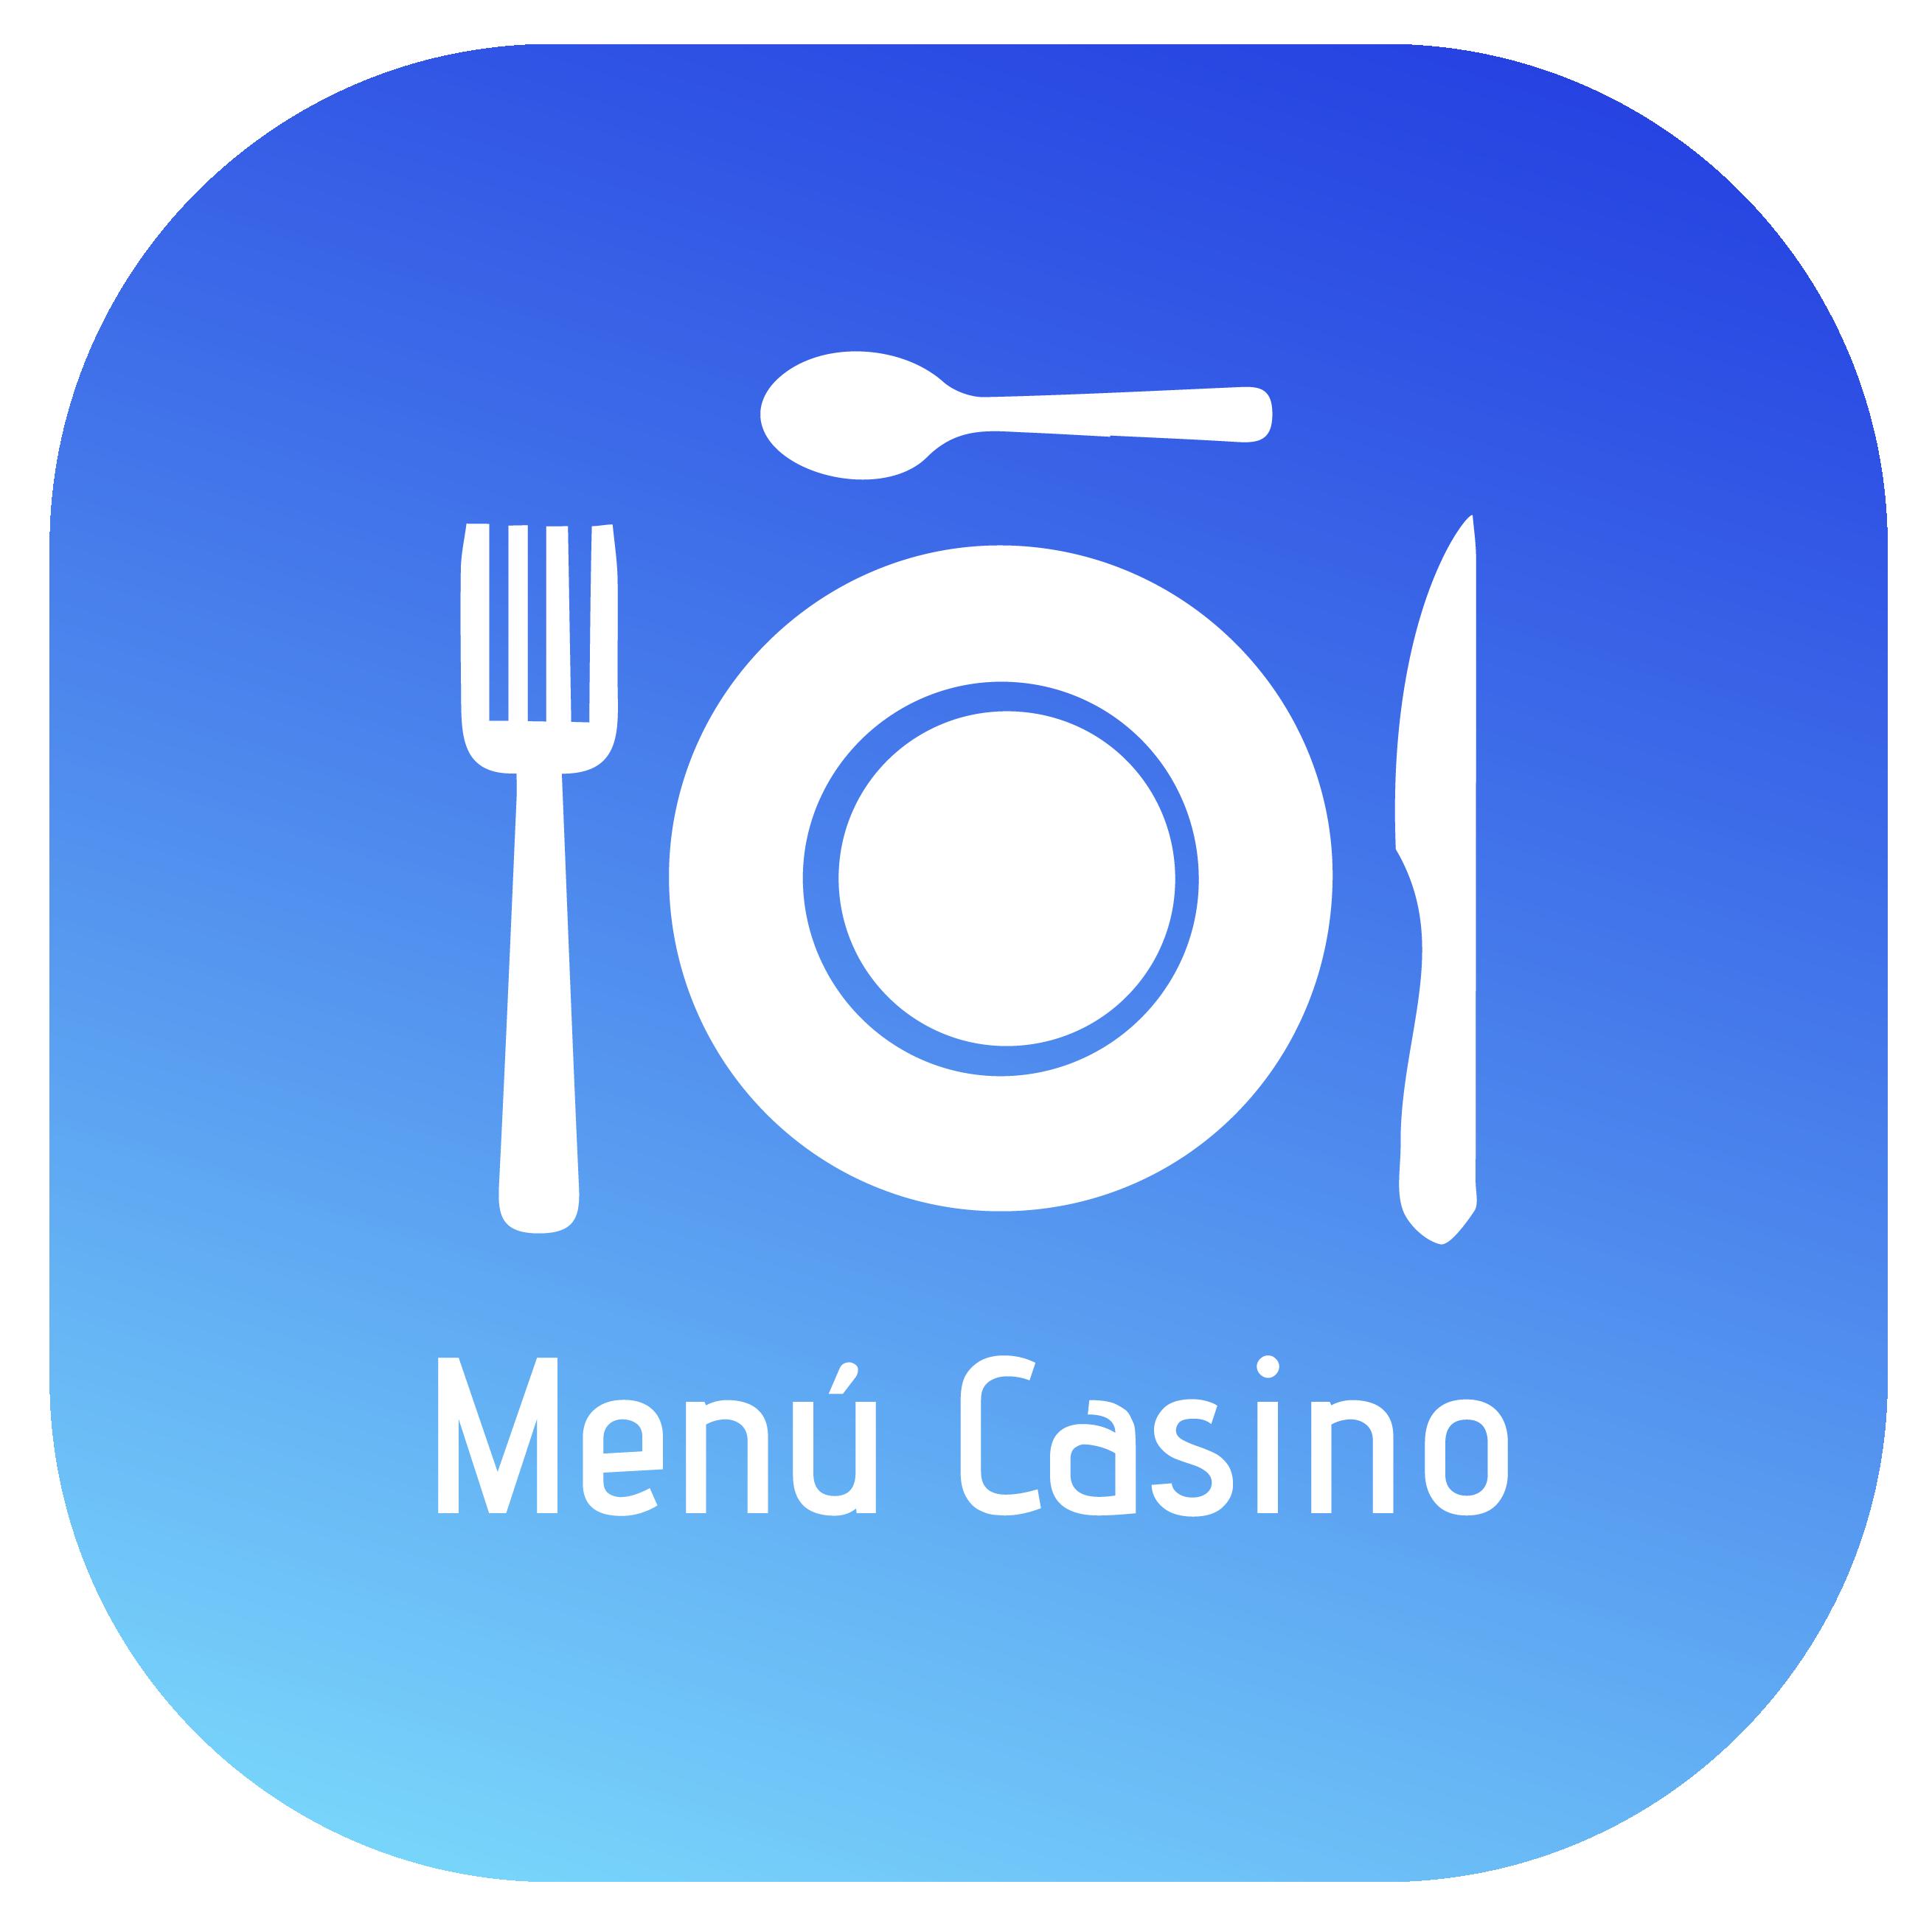 Menú de Casino